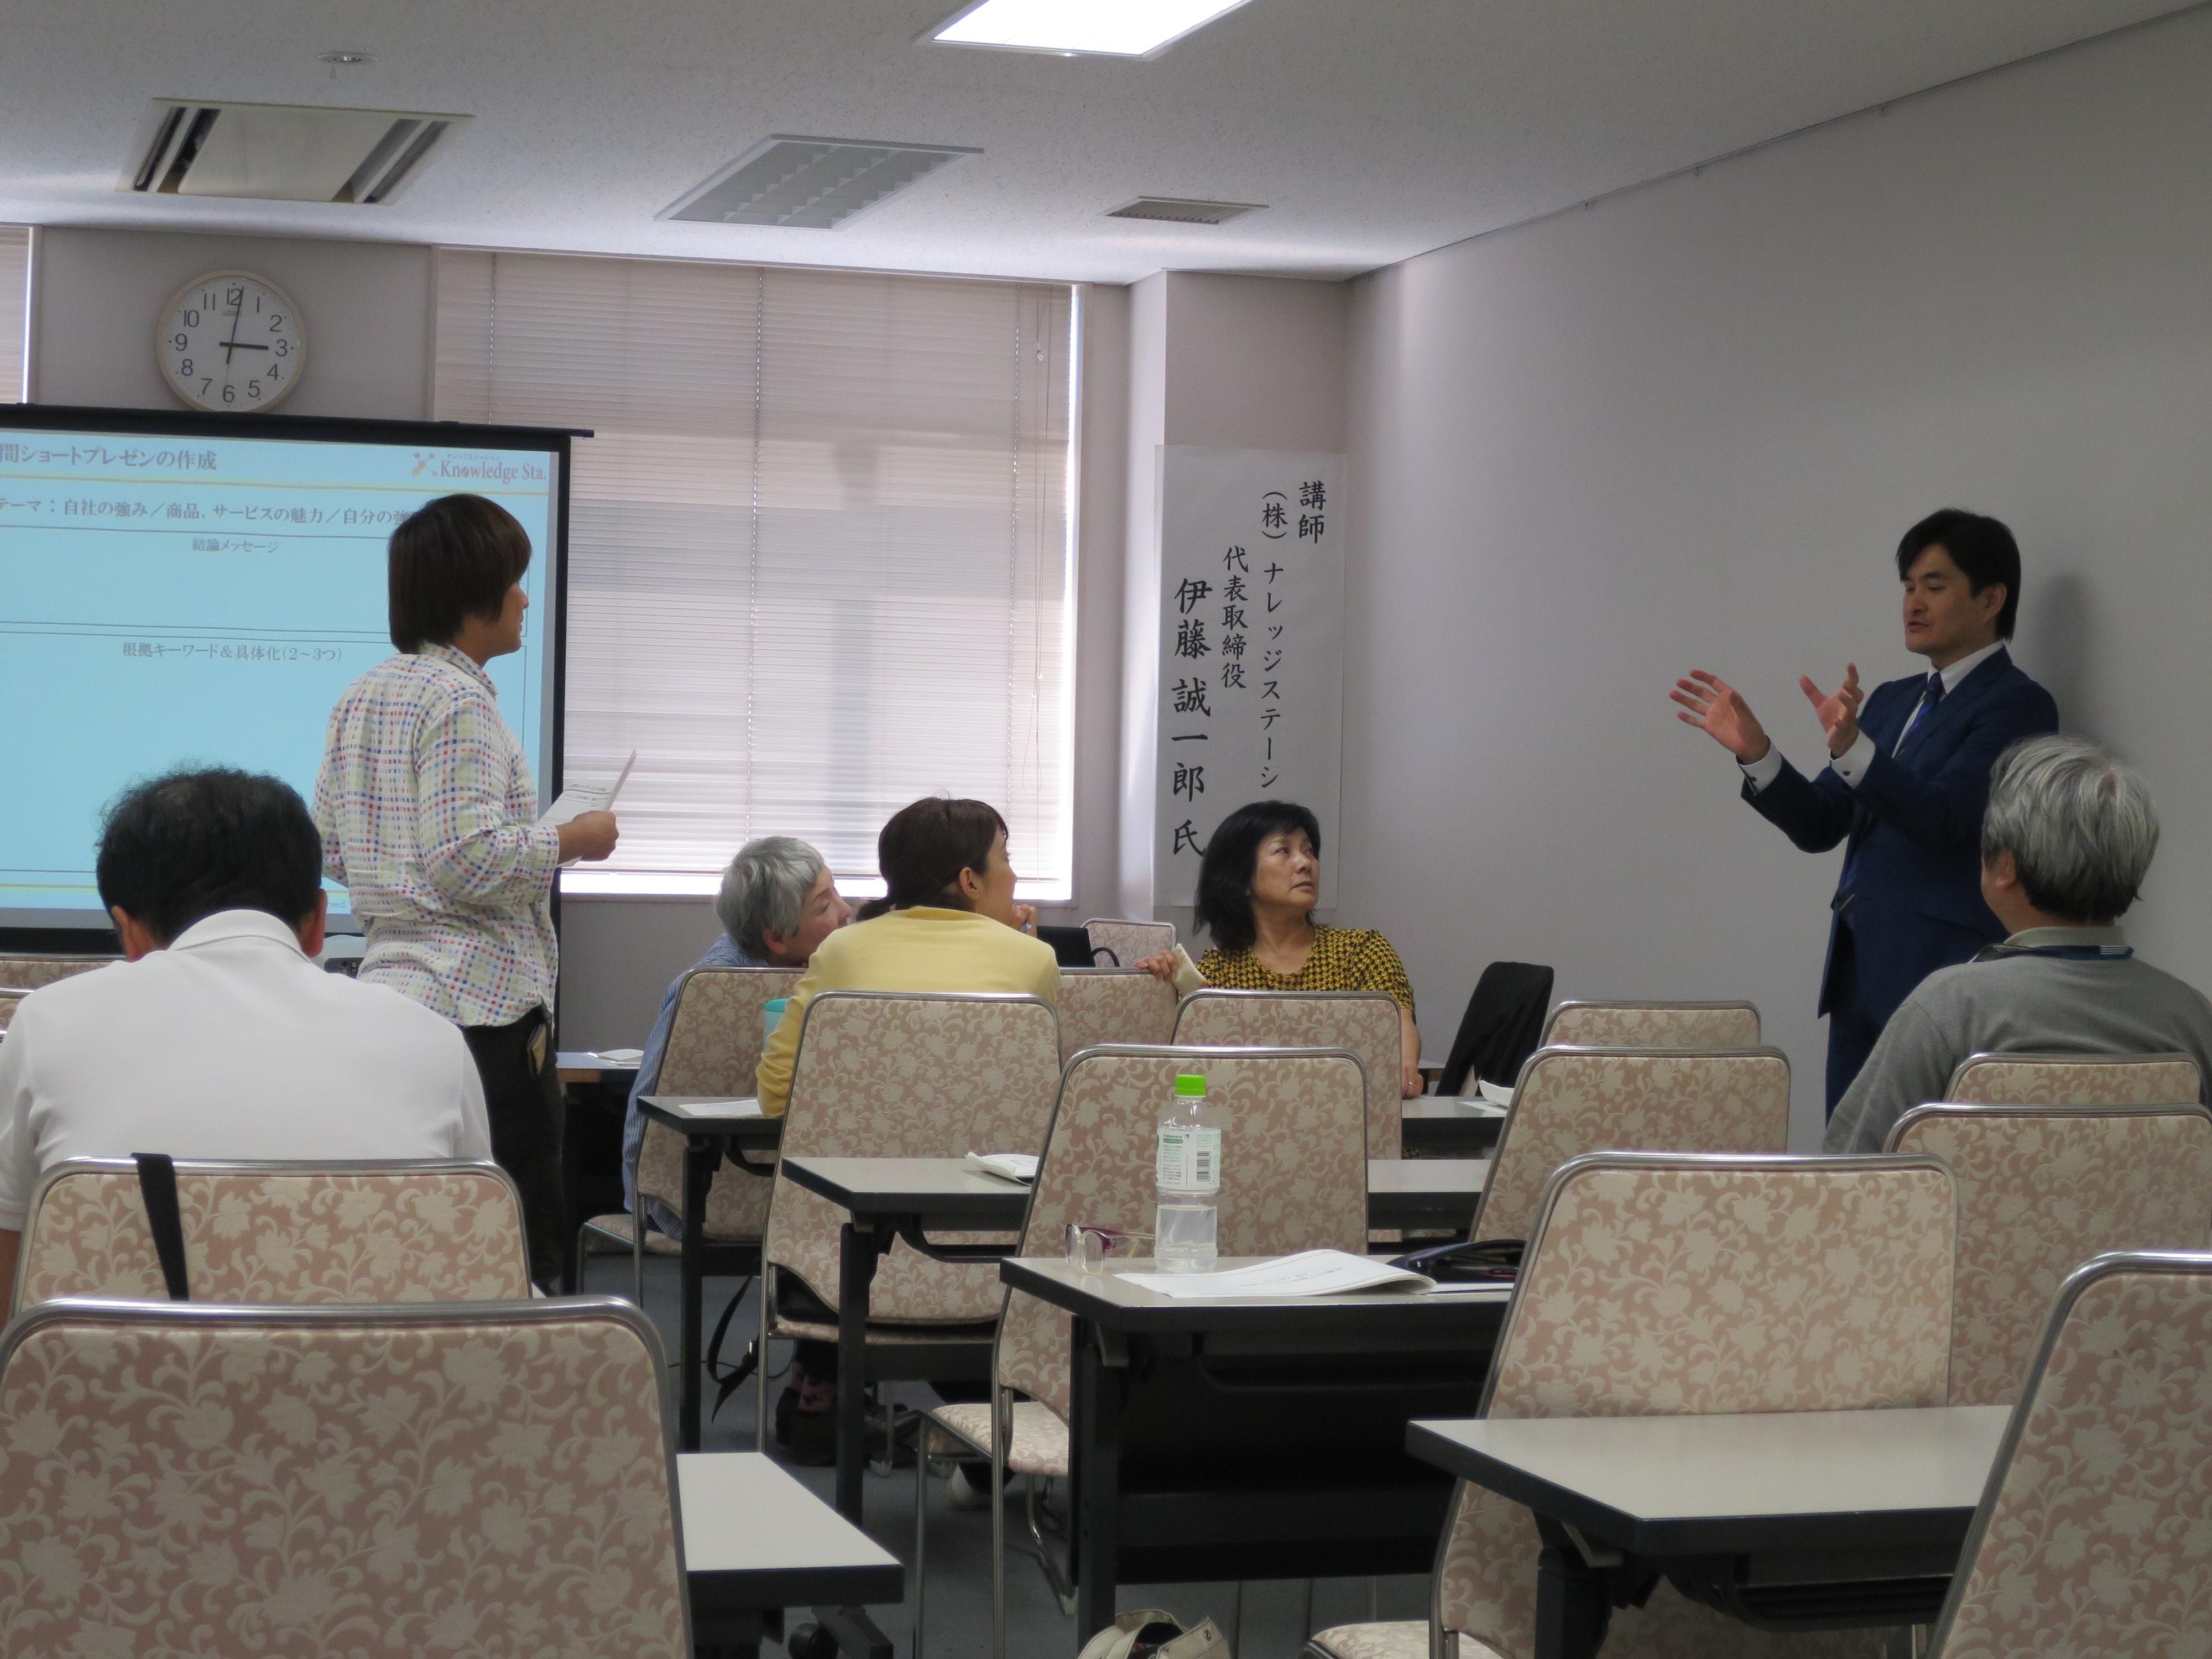 【三重県名張市】営業力アップ~分かりやすいプレゼンテーション資料作成術~画像02